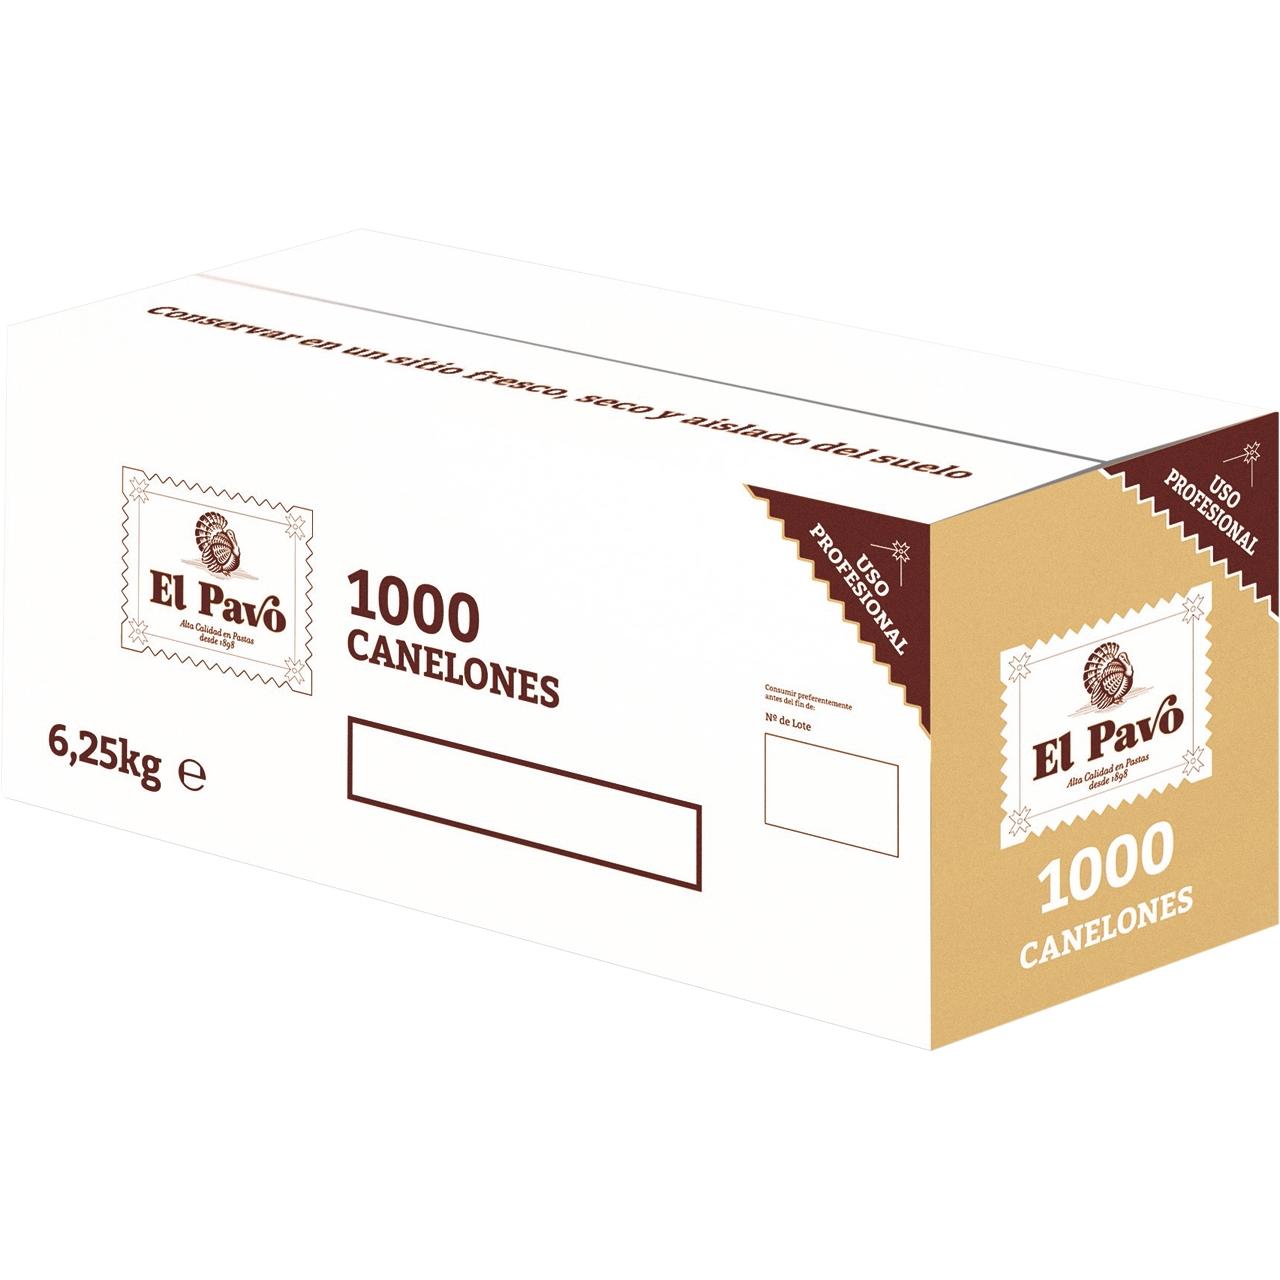 Canelones 1000 placas El pavo